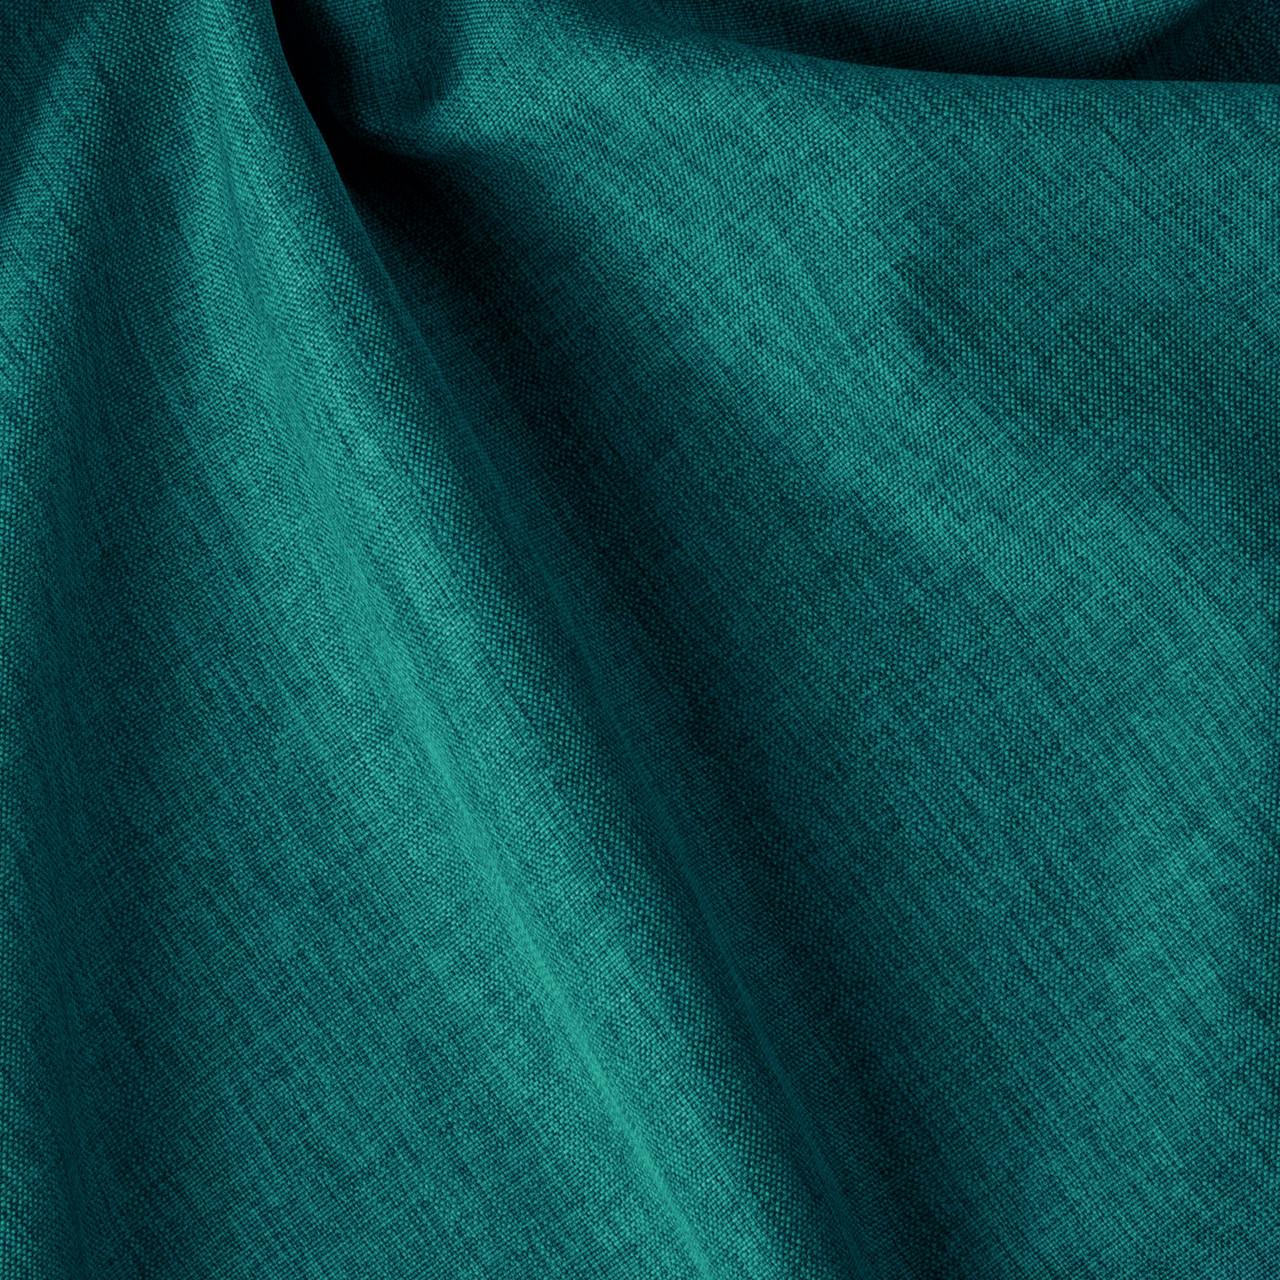 Декоративная однотонная рогожка бирюзового цвета 300см 84462v19